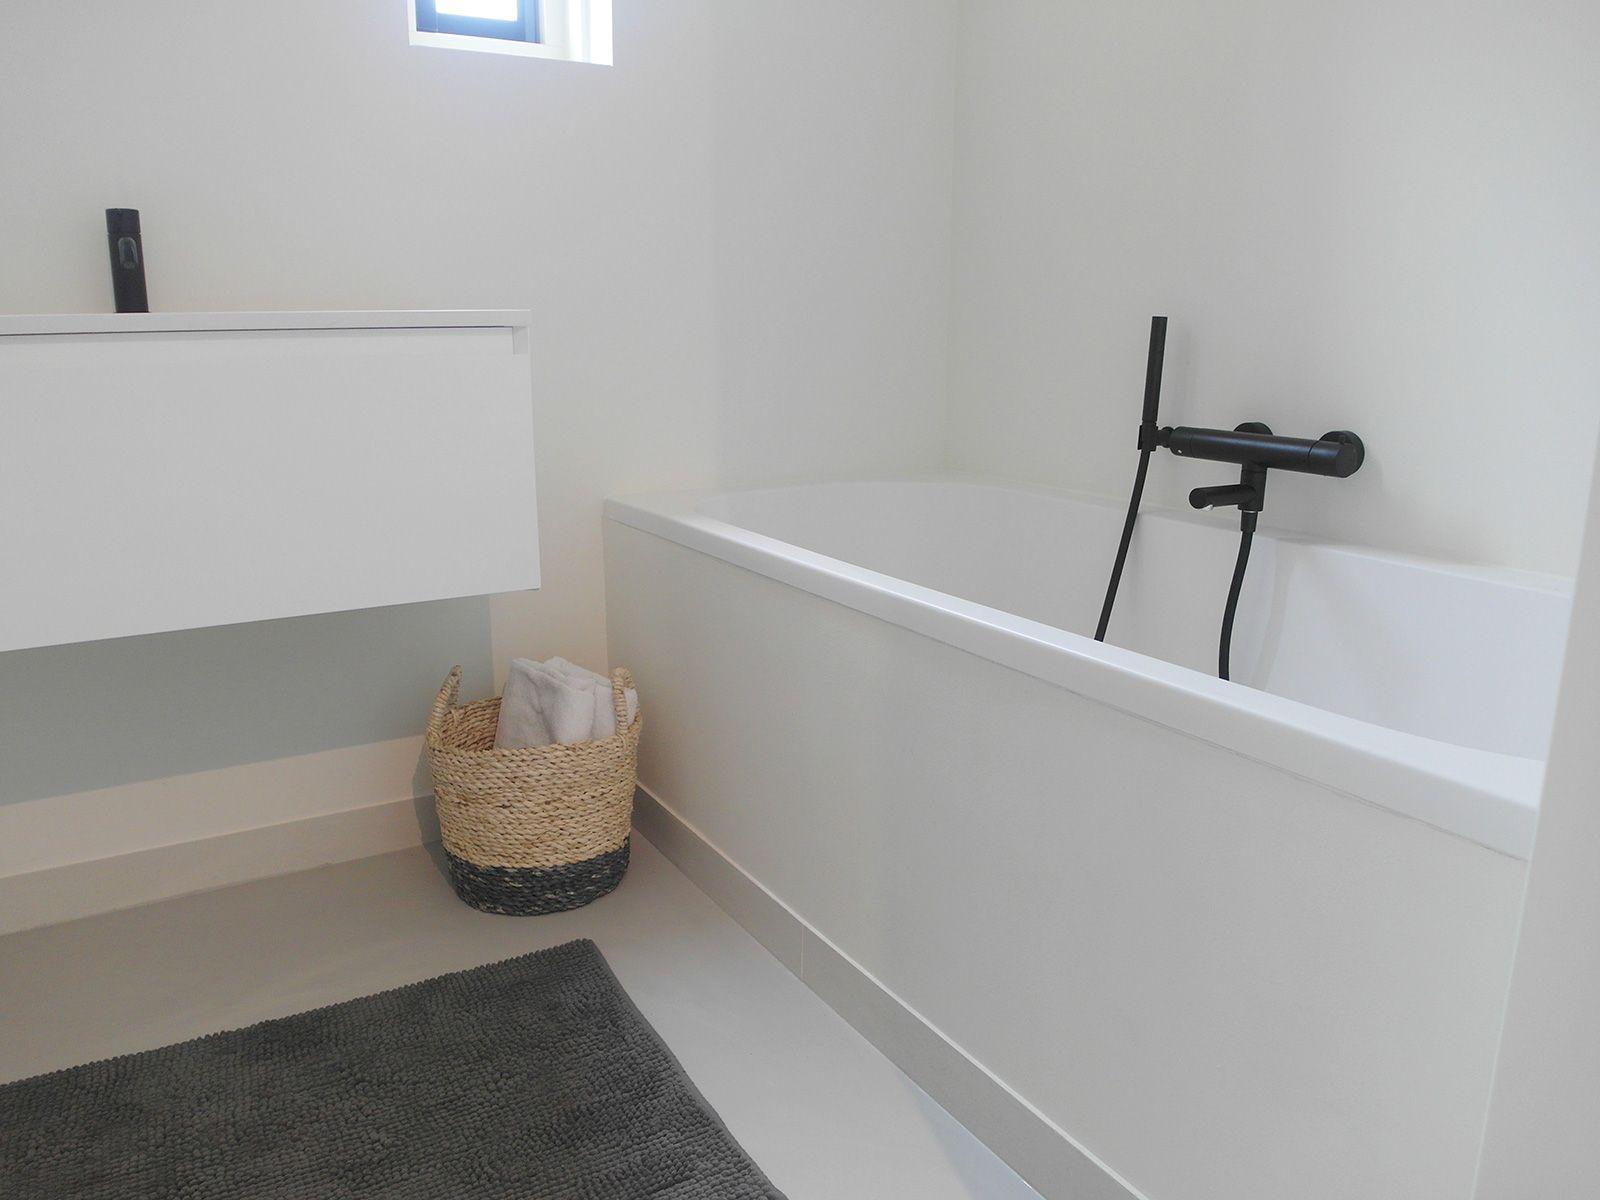 Badkamer Met Gietvloer : Gietvloer woonkeuken schoonhoven in projecten om te